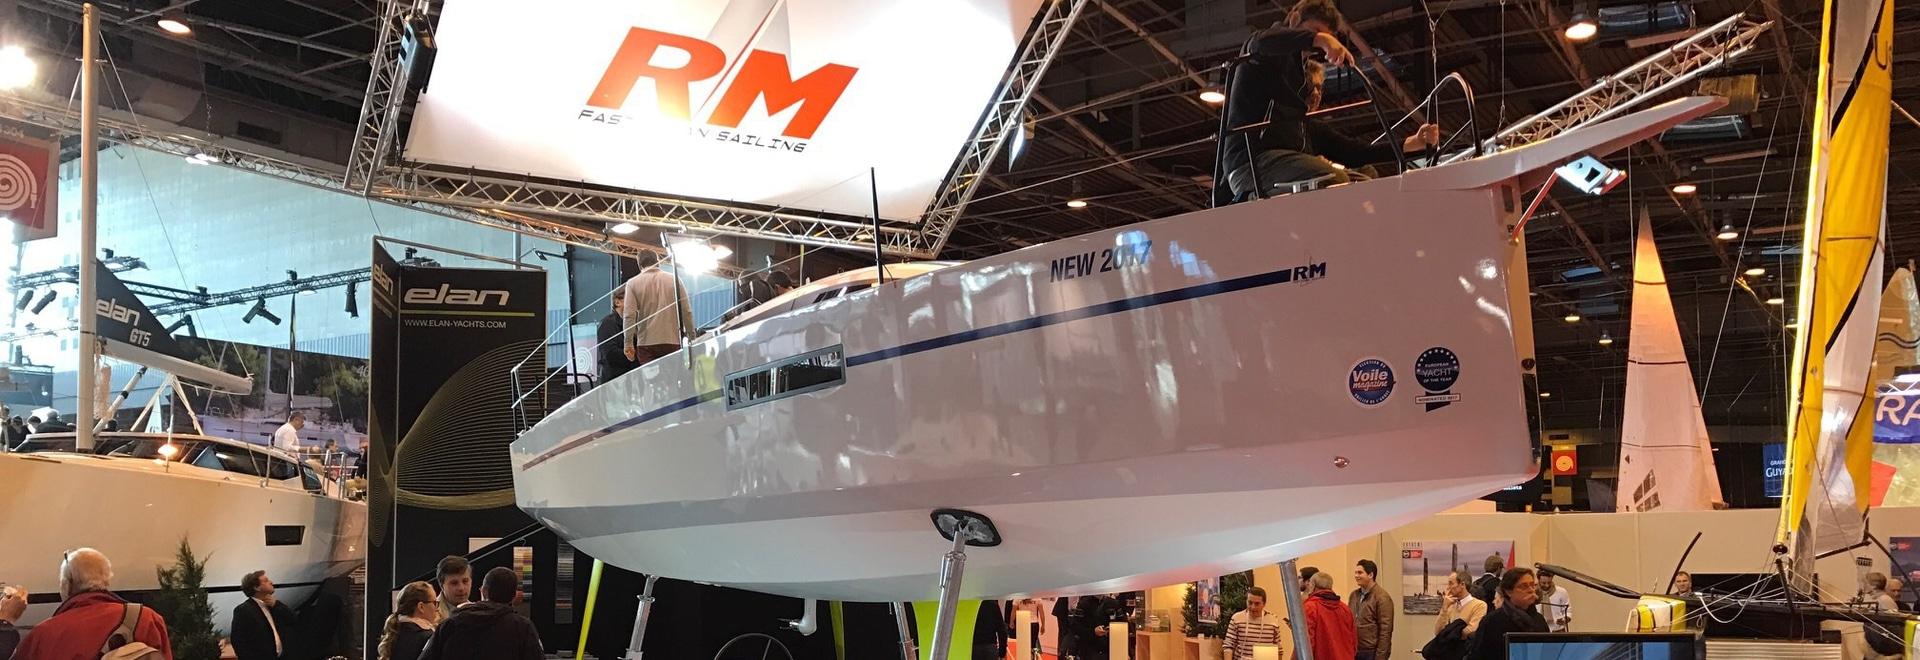 RM at Düsseldorf Boat Show 2017